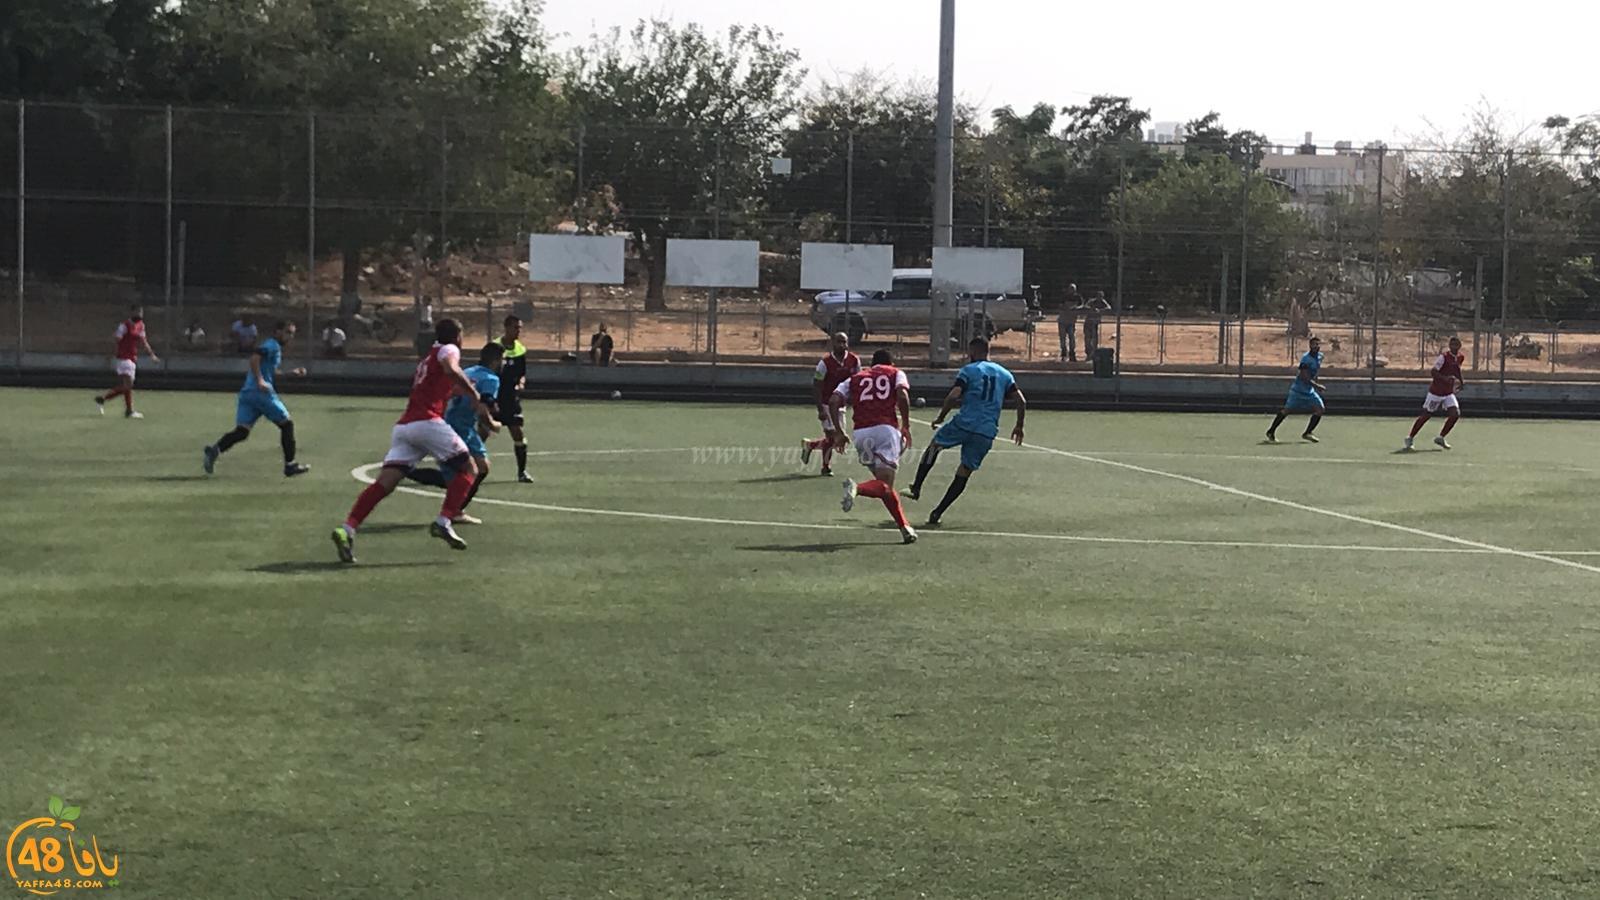 صور: فريق ابناء يافا يفوز على ابناء الطيبة بنتيجة 3-2